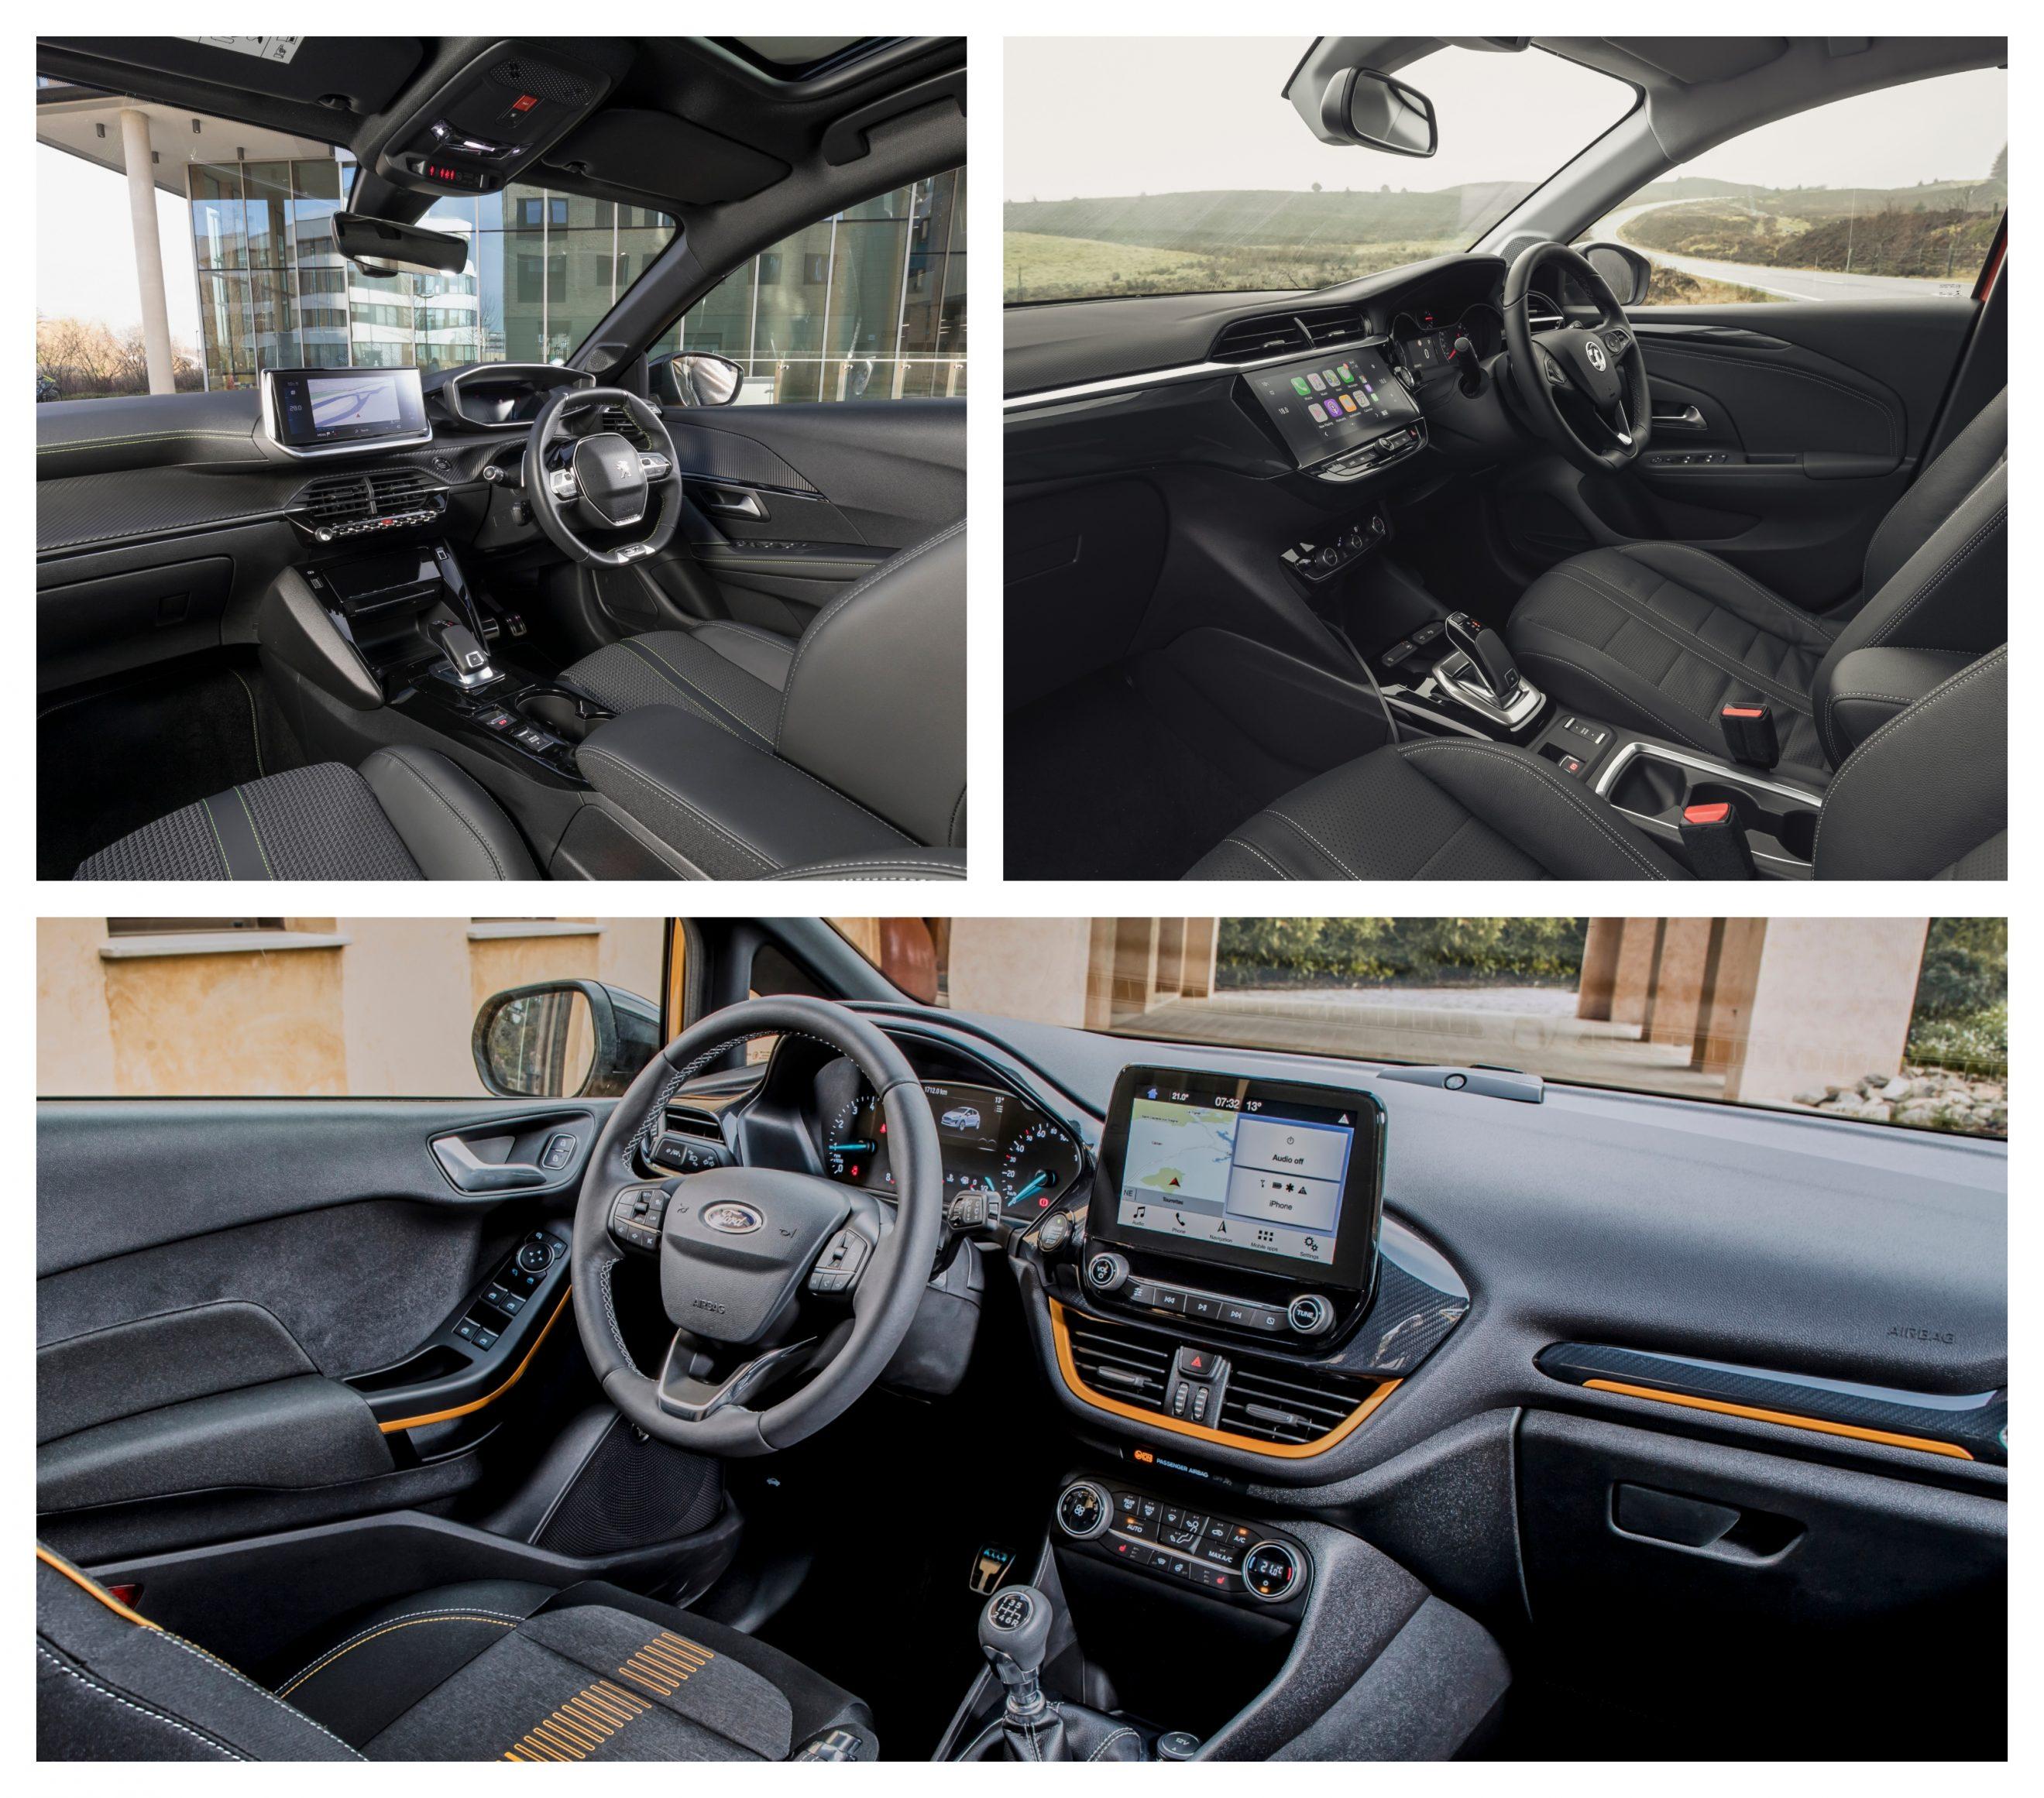 Corsa vs Fiesta vs Peugeot 208 interior design and space